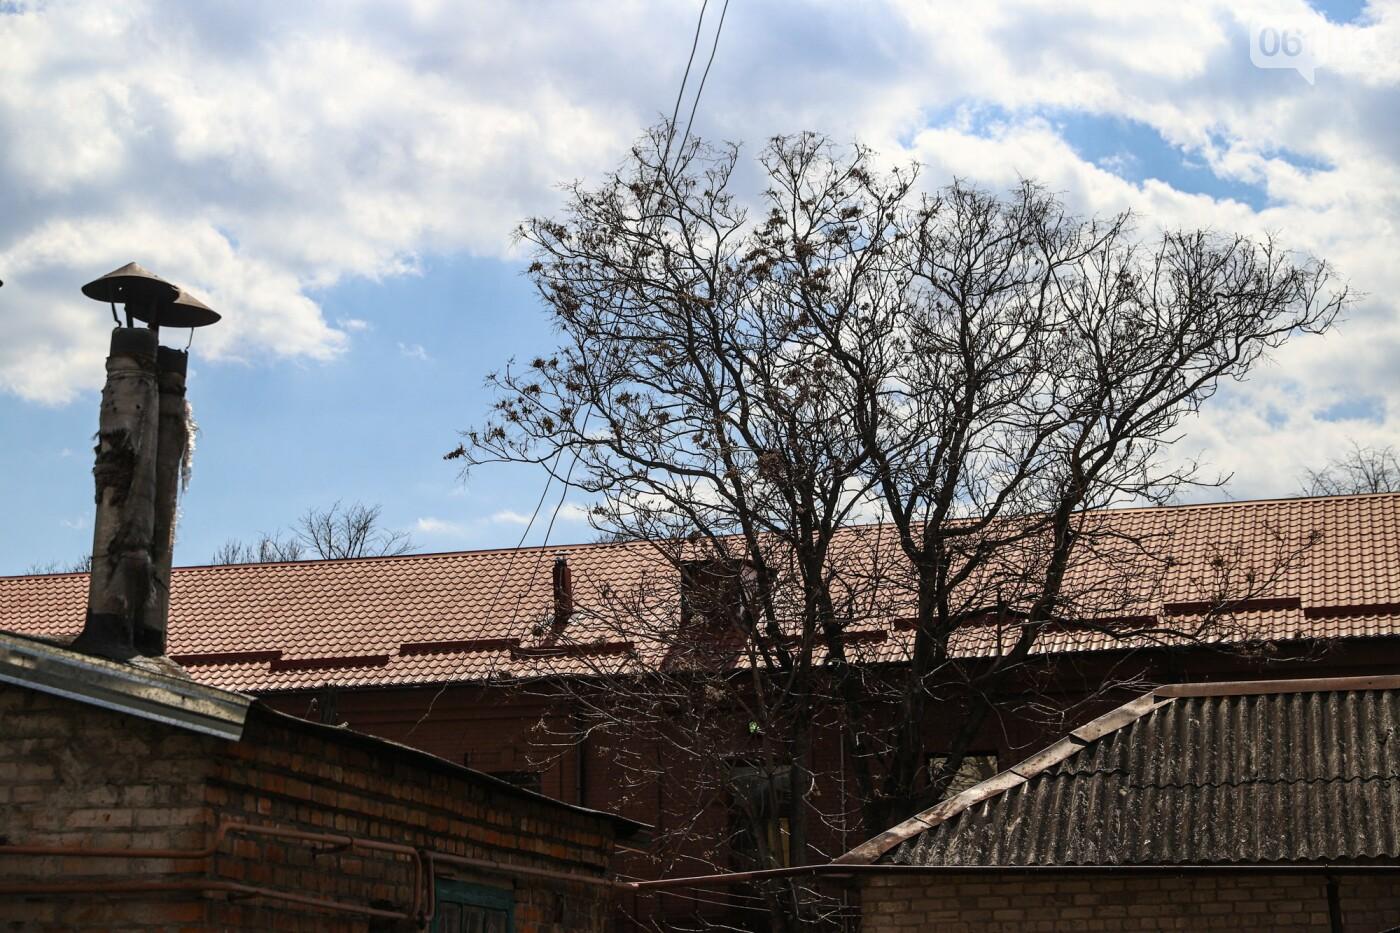 Памятники Старого Александровска: как сейчас выглядит доходный дом Регирера, - ФОТО, фото-20